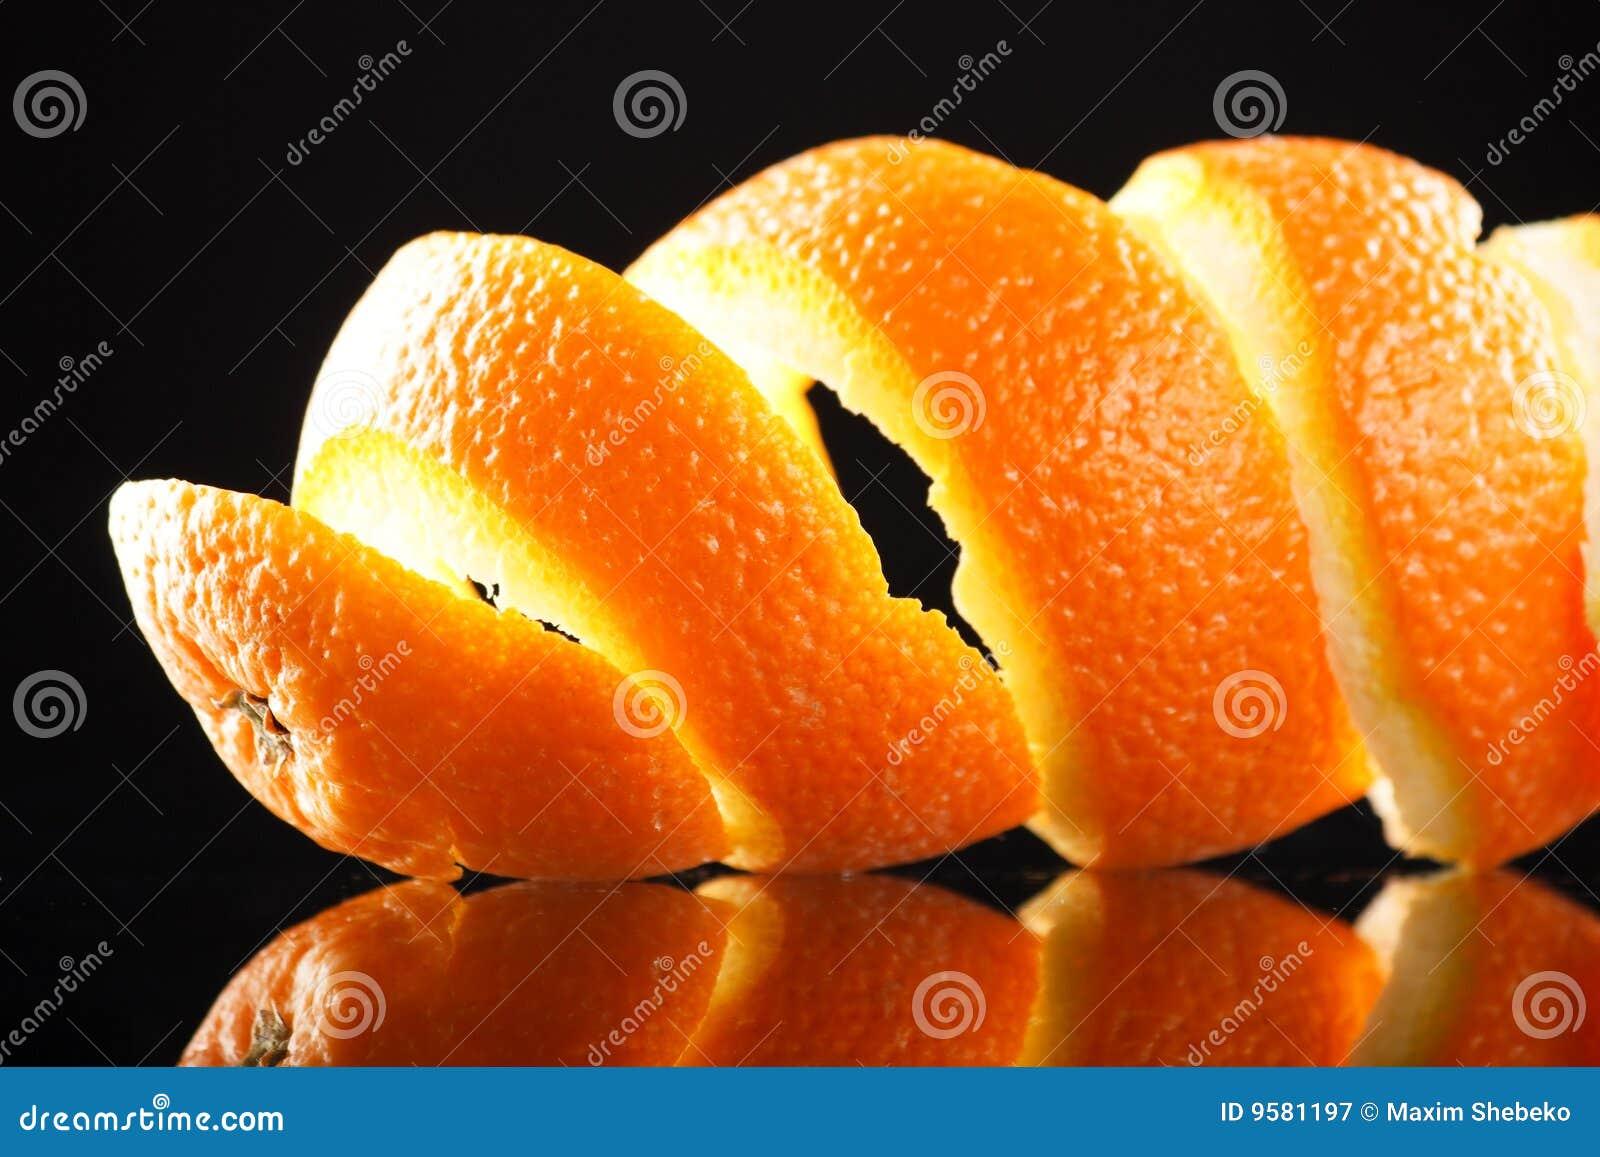 Spiraalvormige sinaasappelschil